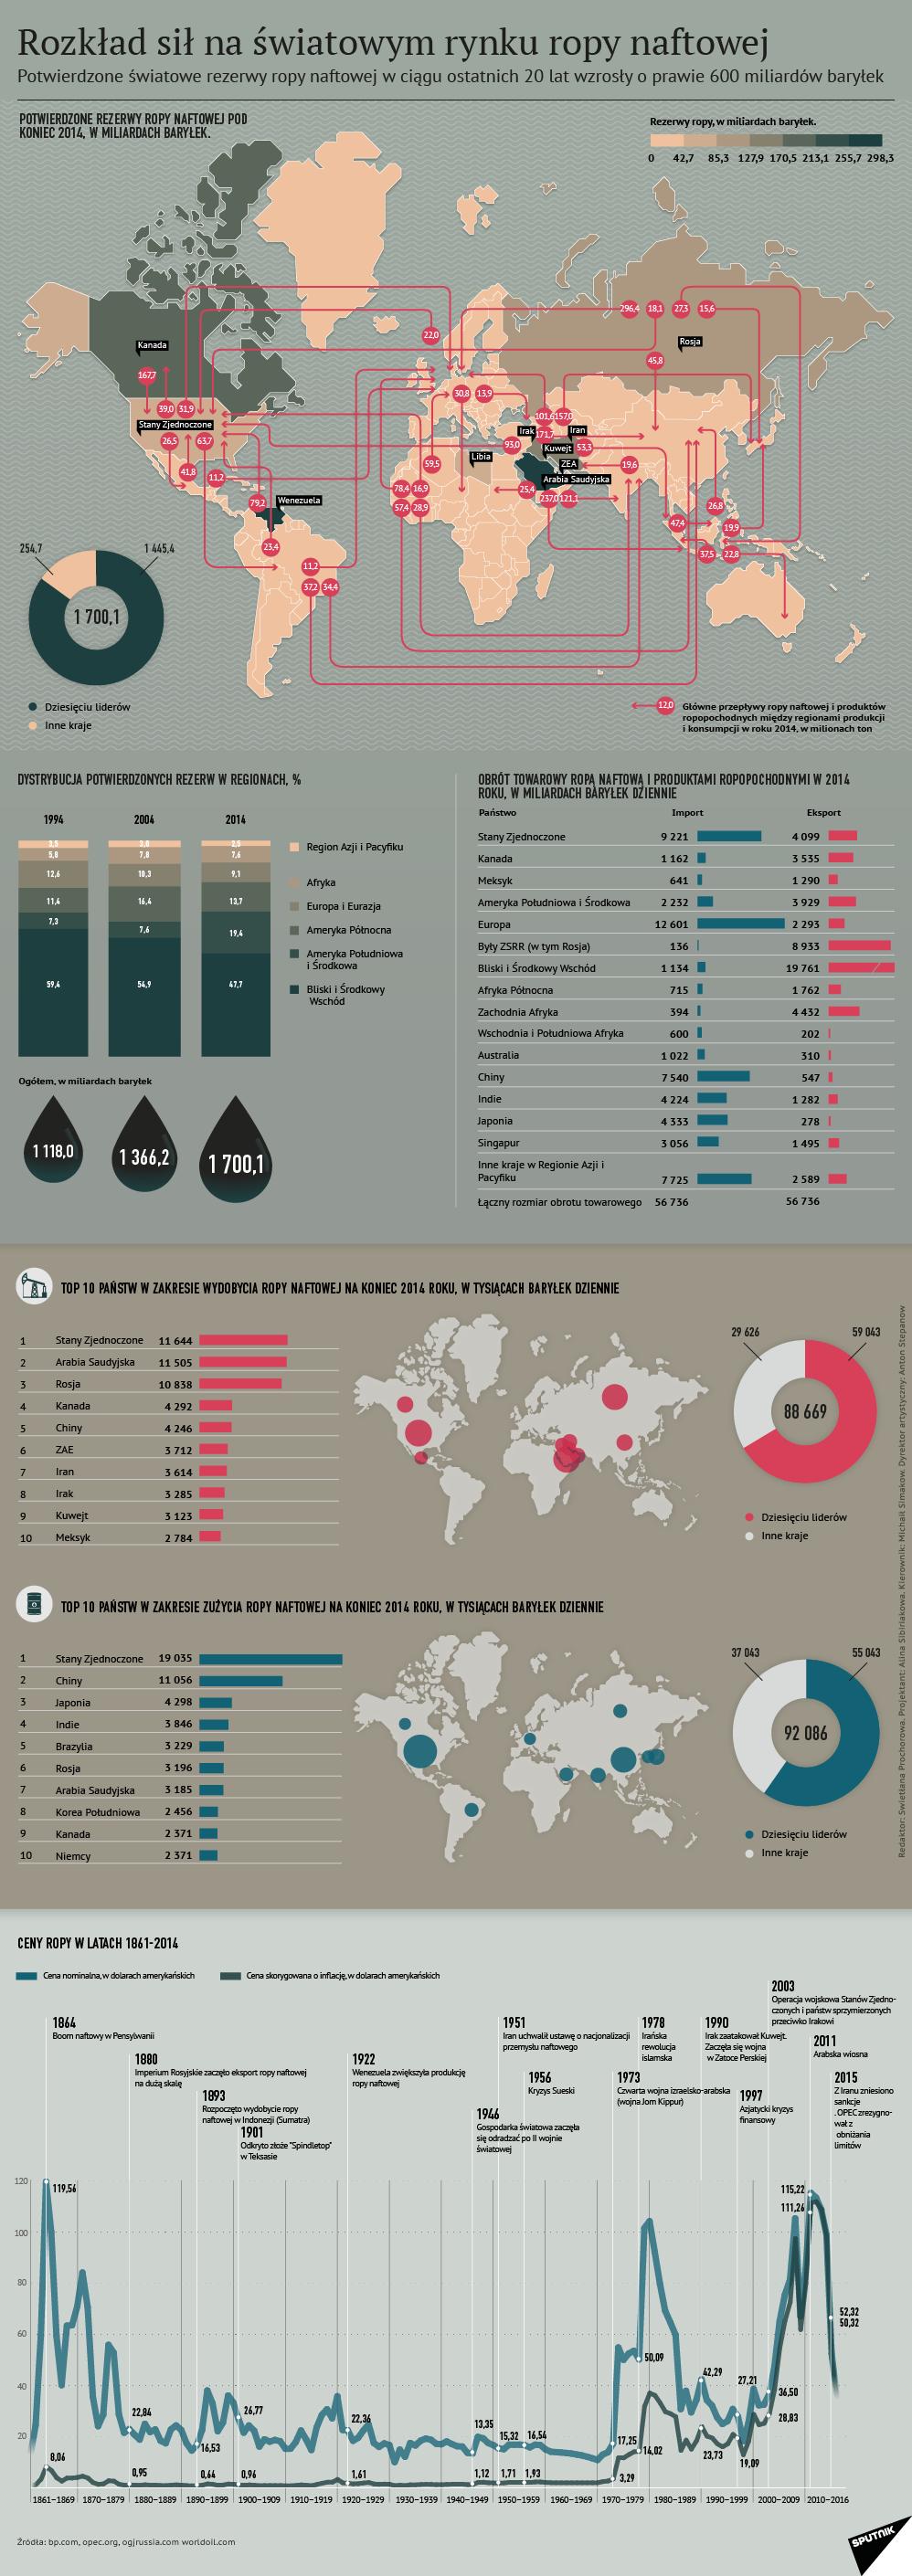 Rozkład sił na światowym rynku ropy naftowej